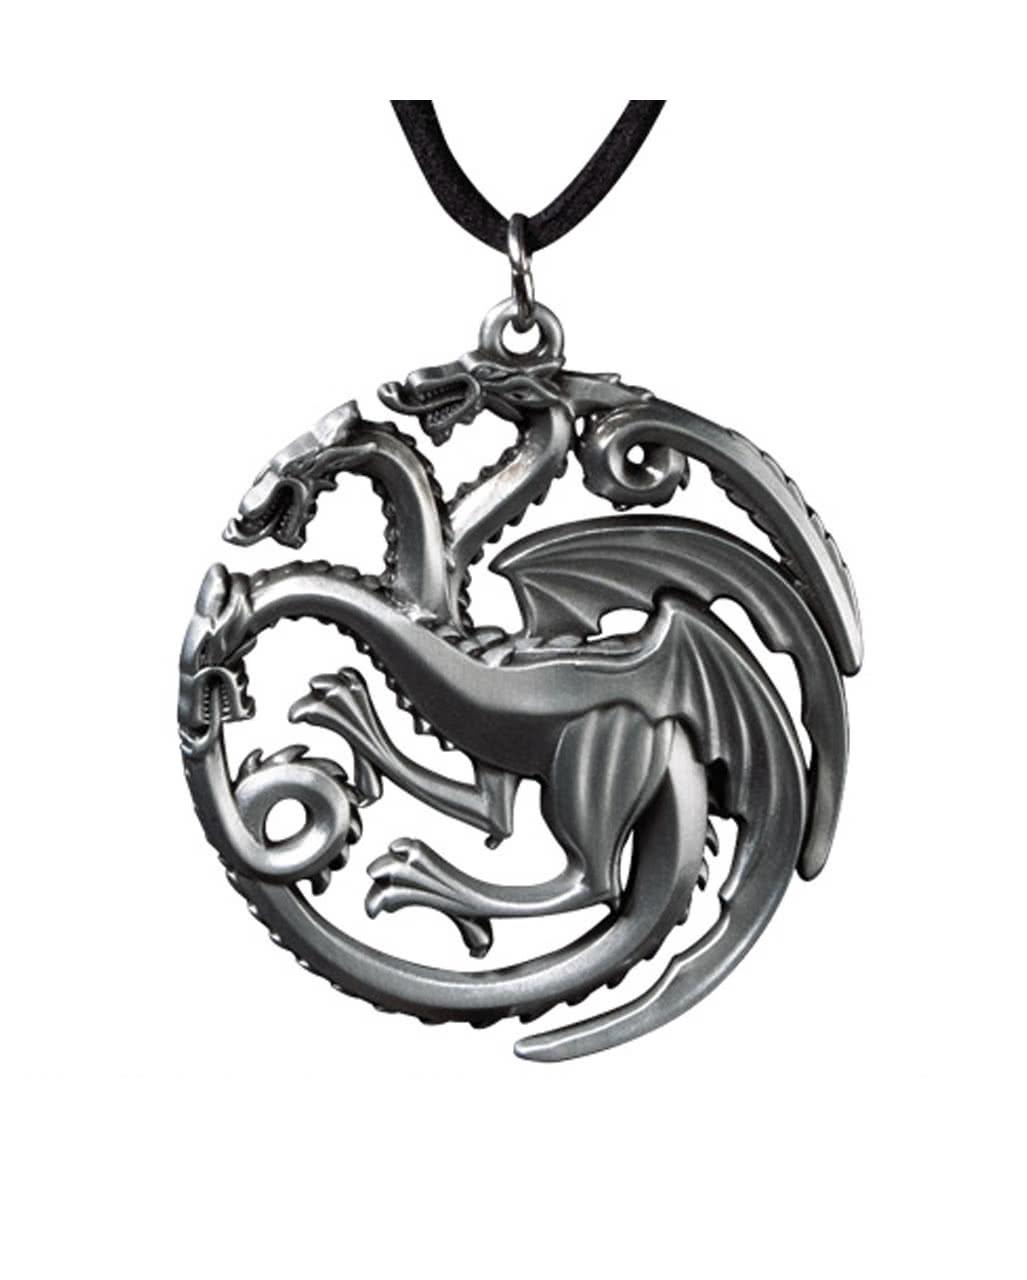 Game Of Thrones - Targaryen Coat Of Arms